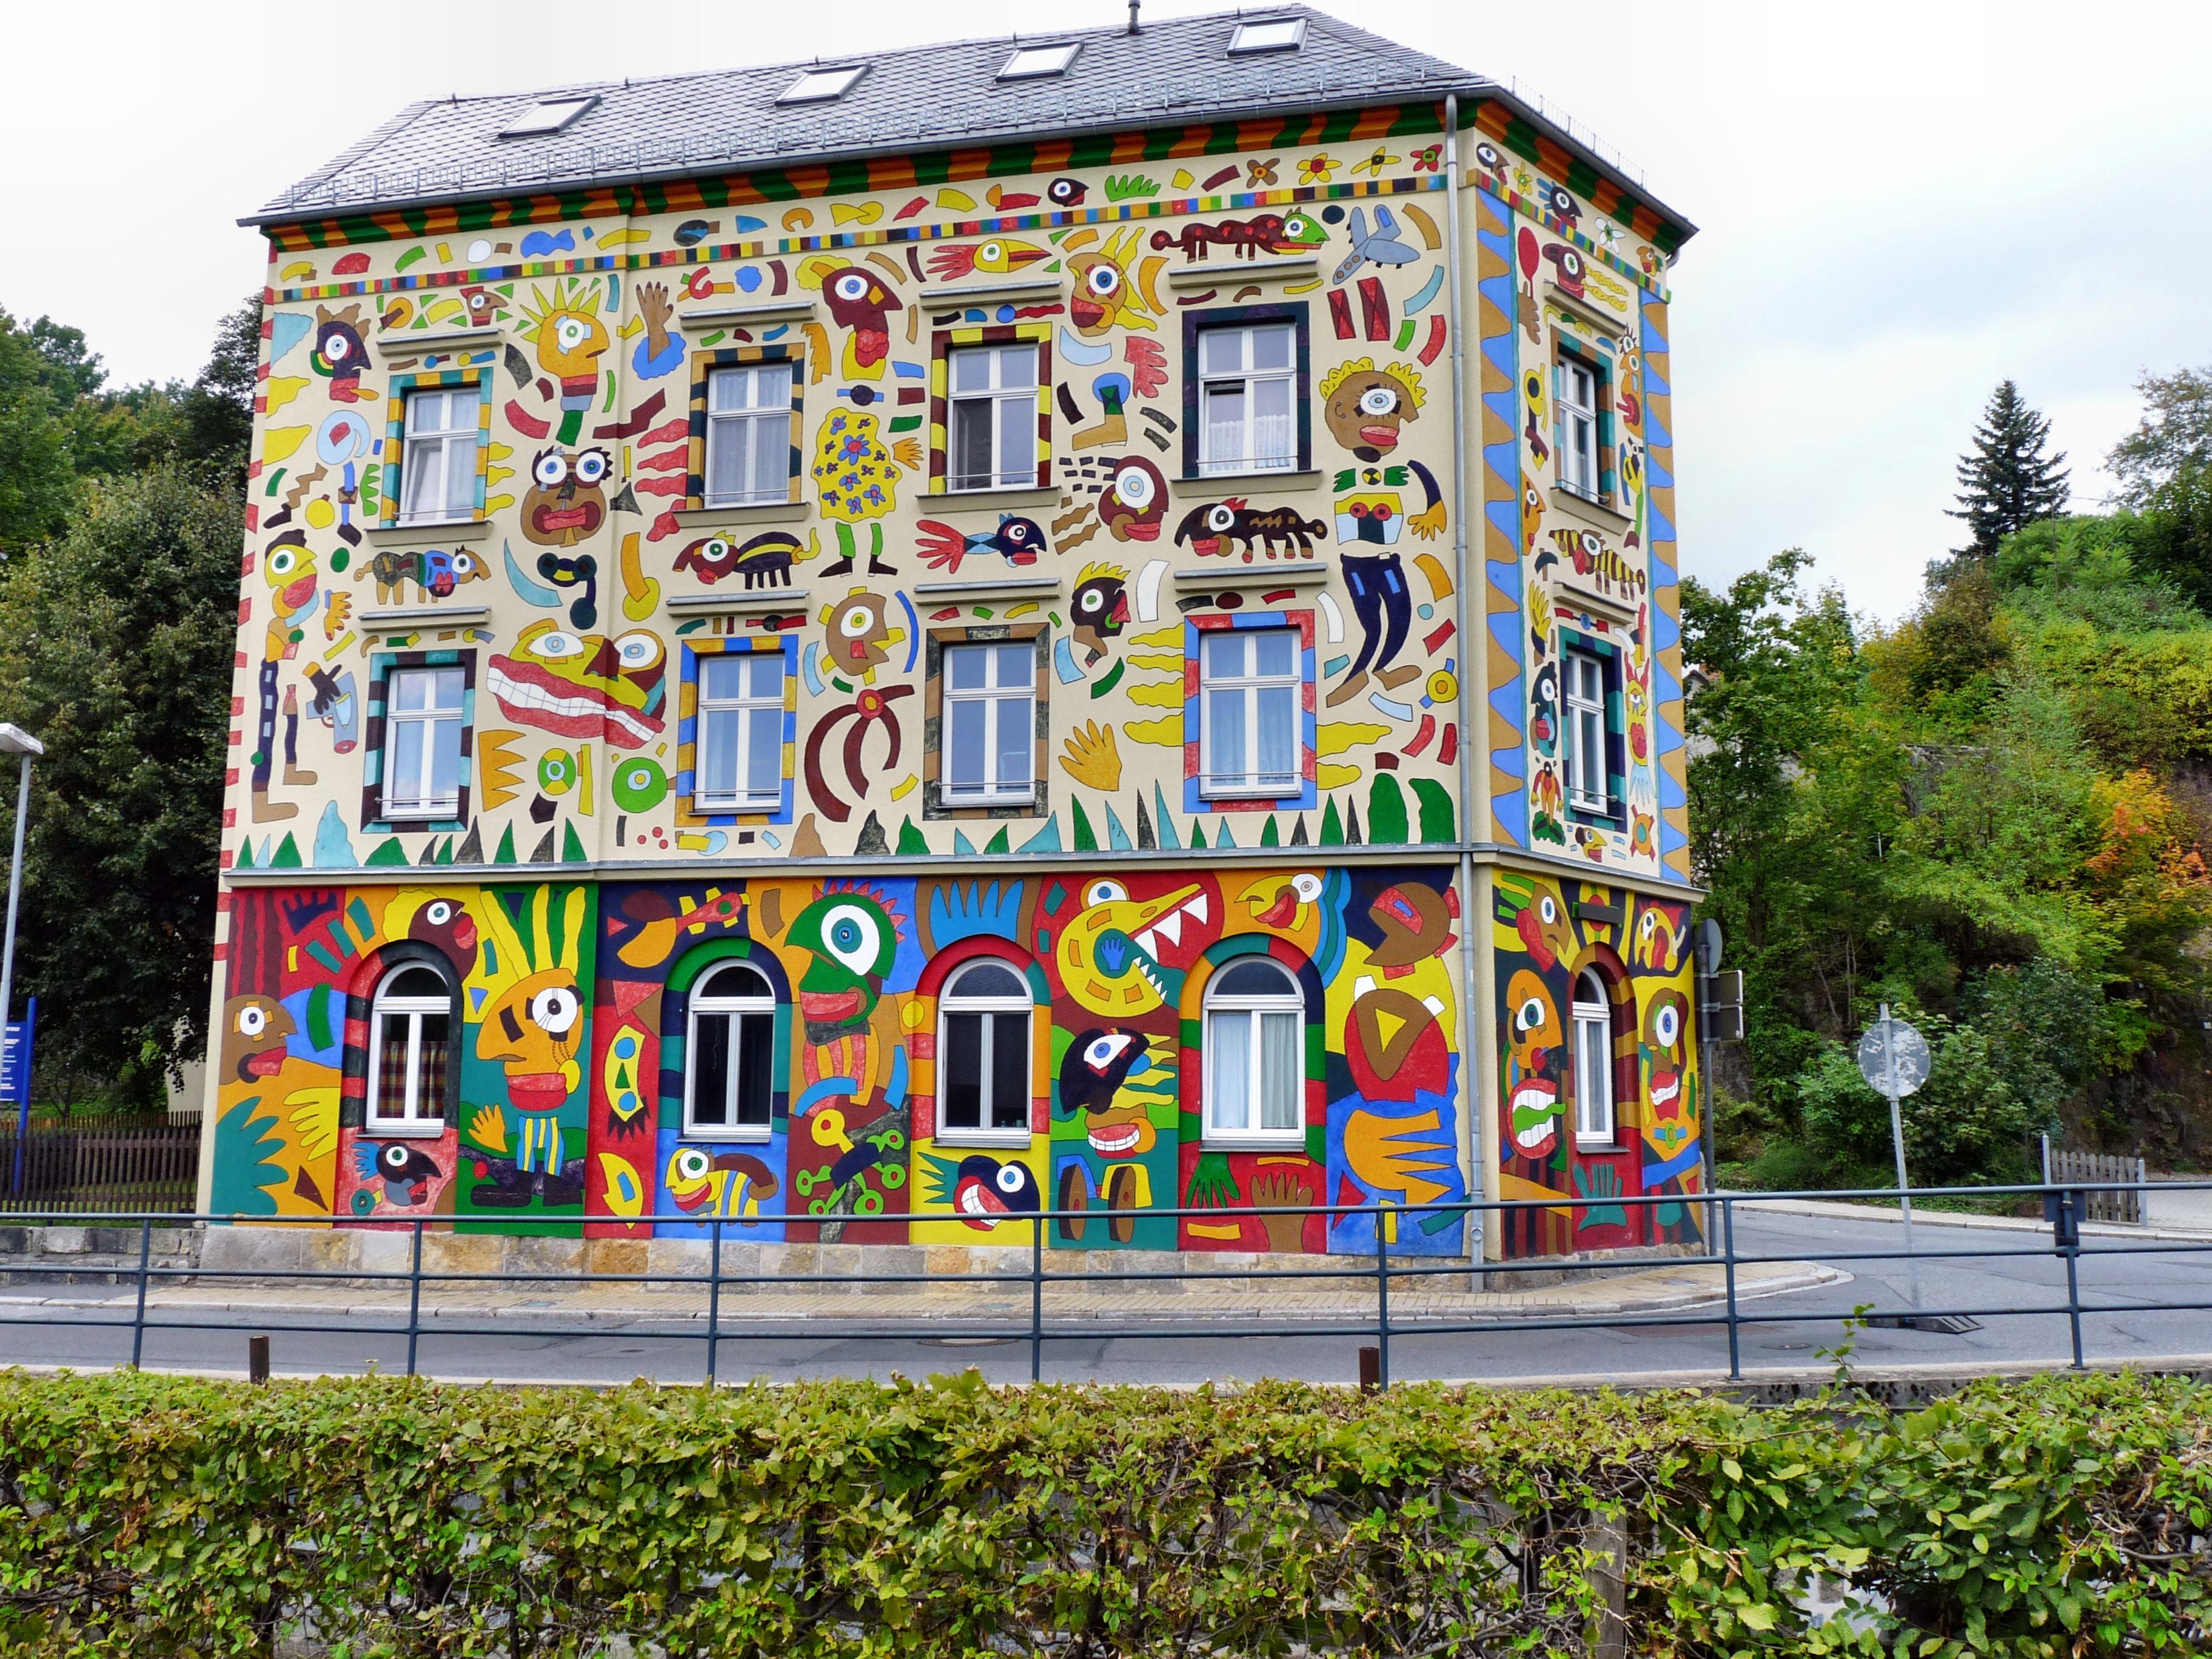 Wahrzeichen Fassade Malerei Kunst Wandgemälde Craffiti Haus Fischer Art In  Sebnitz Künstler Michael Fischer